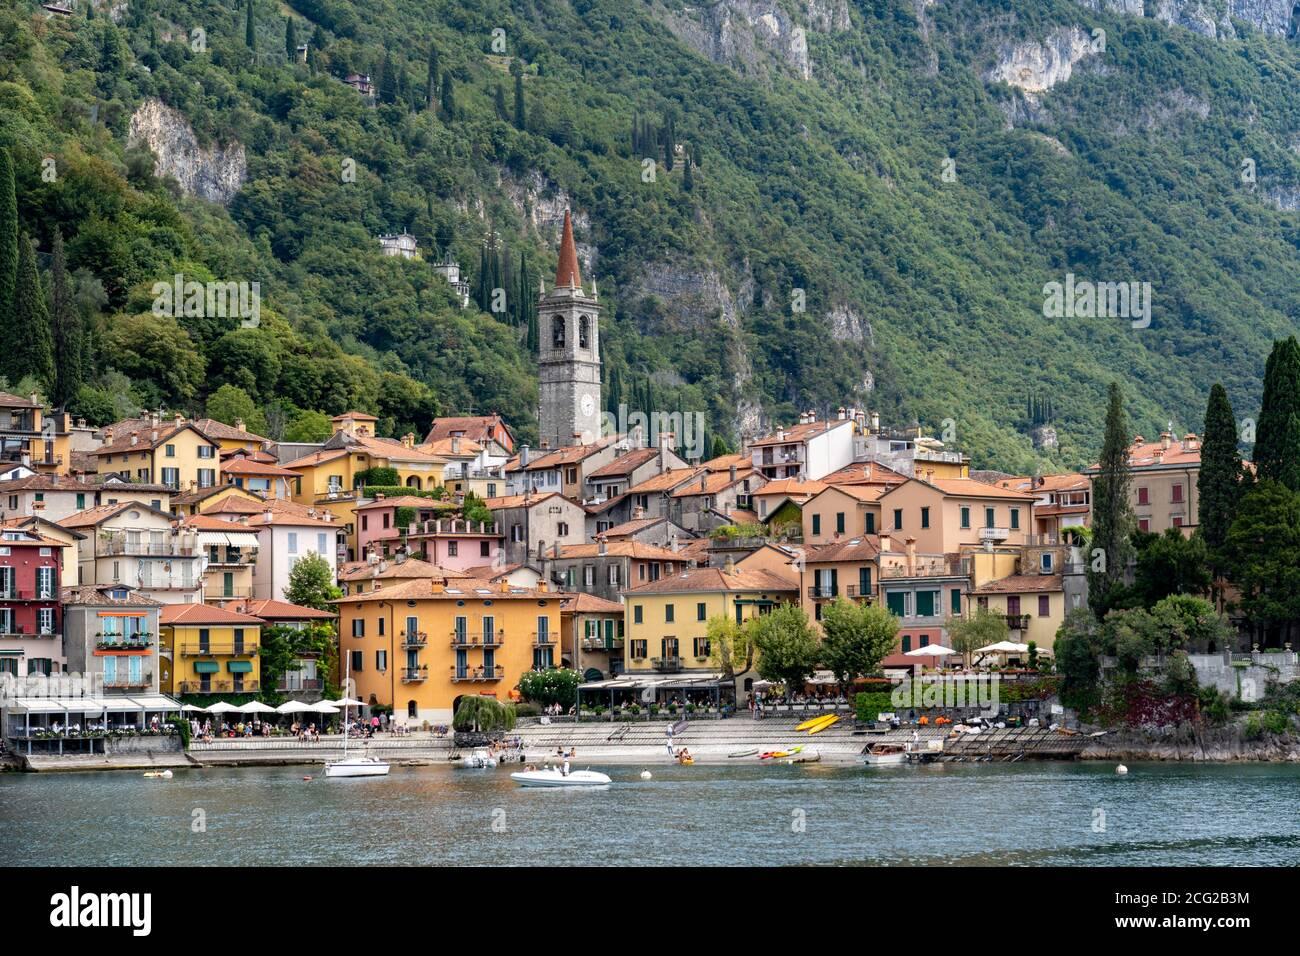 Italien. Lombardei. Comer See. Das bunte Dorf Varenna Stockfoto